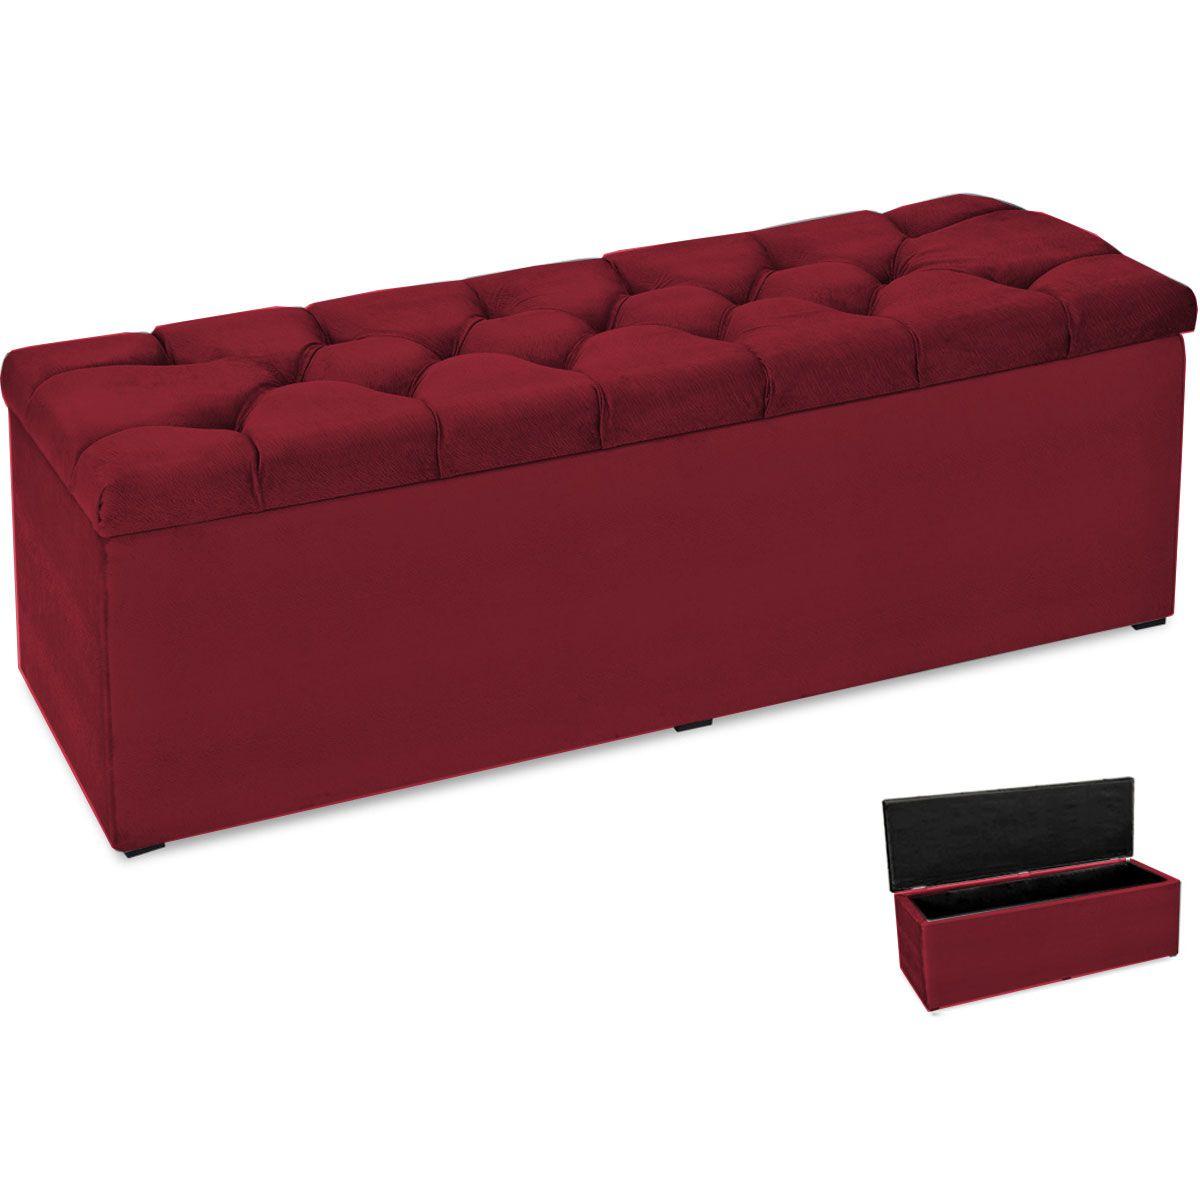 Calçadeira com Baú Paris 160 cm Amassado Vermelho JS Móveis